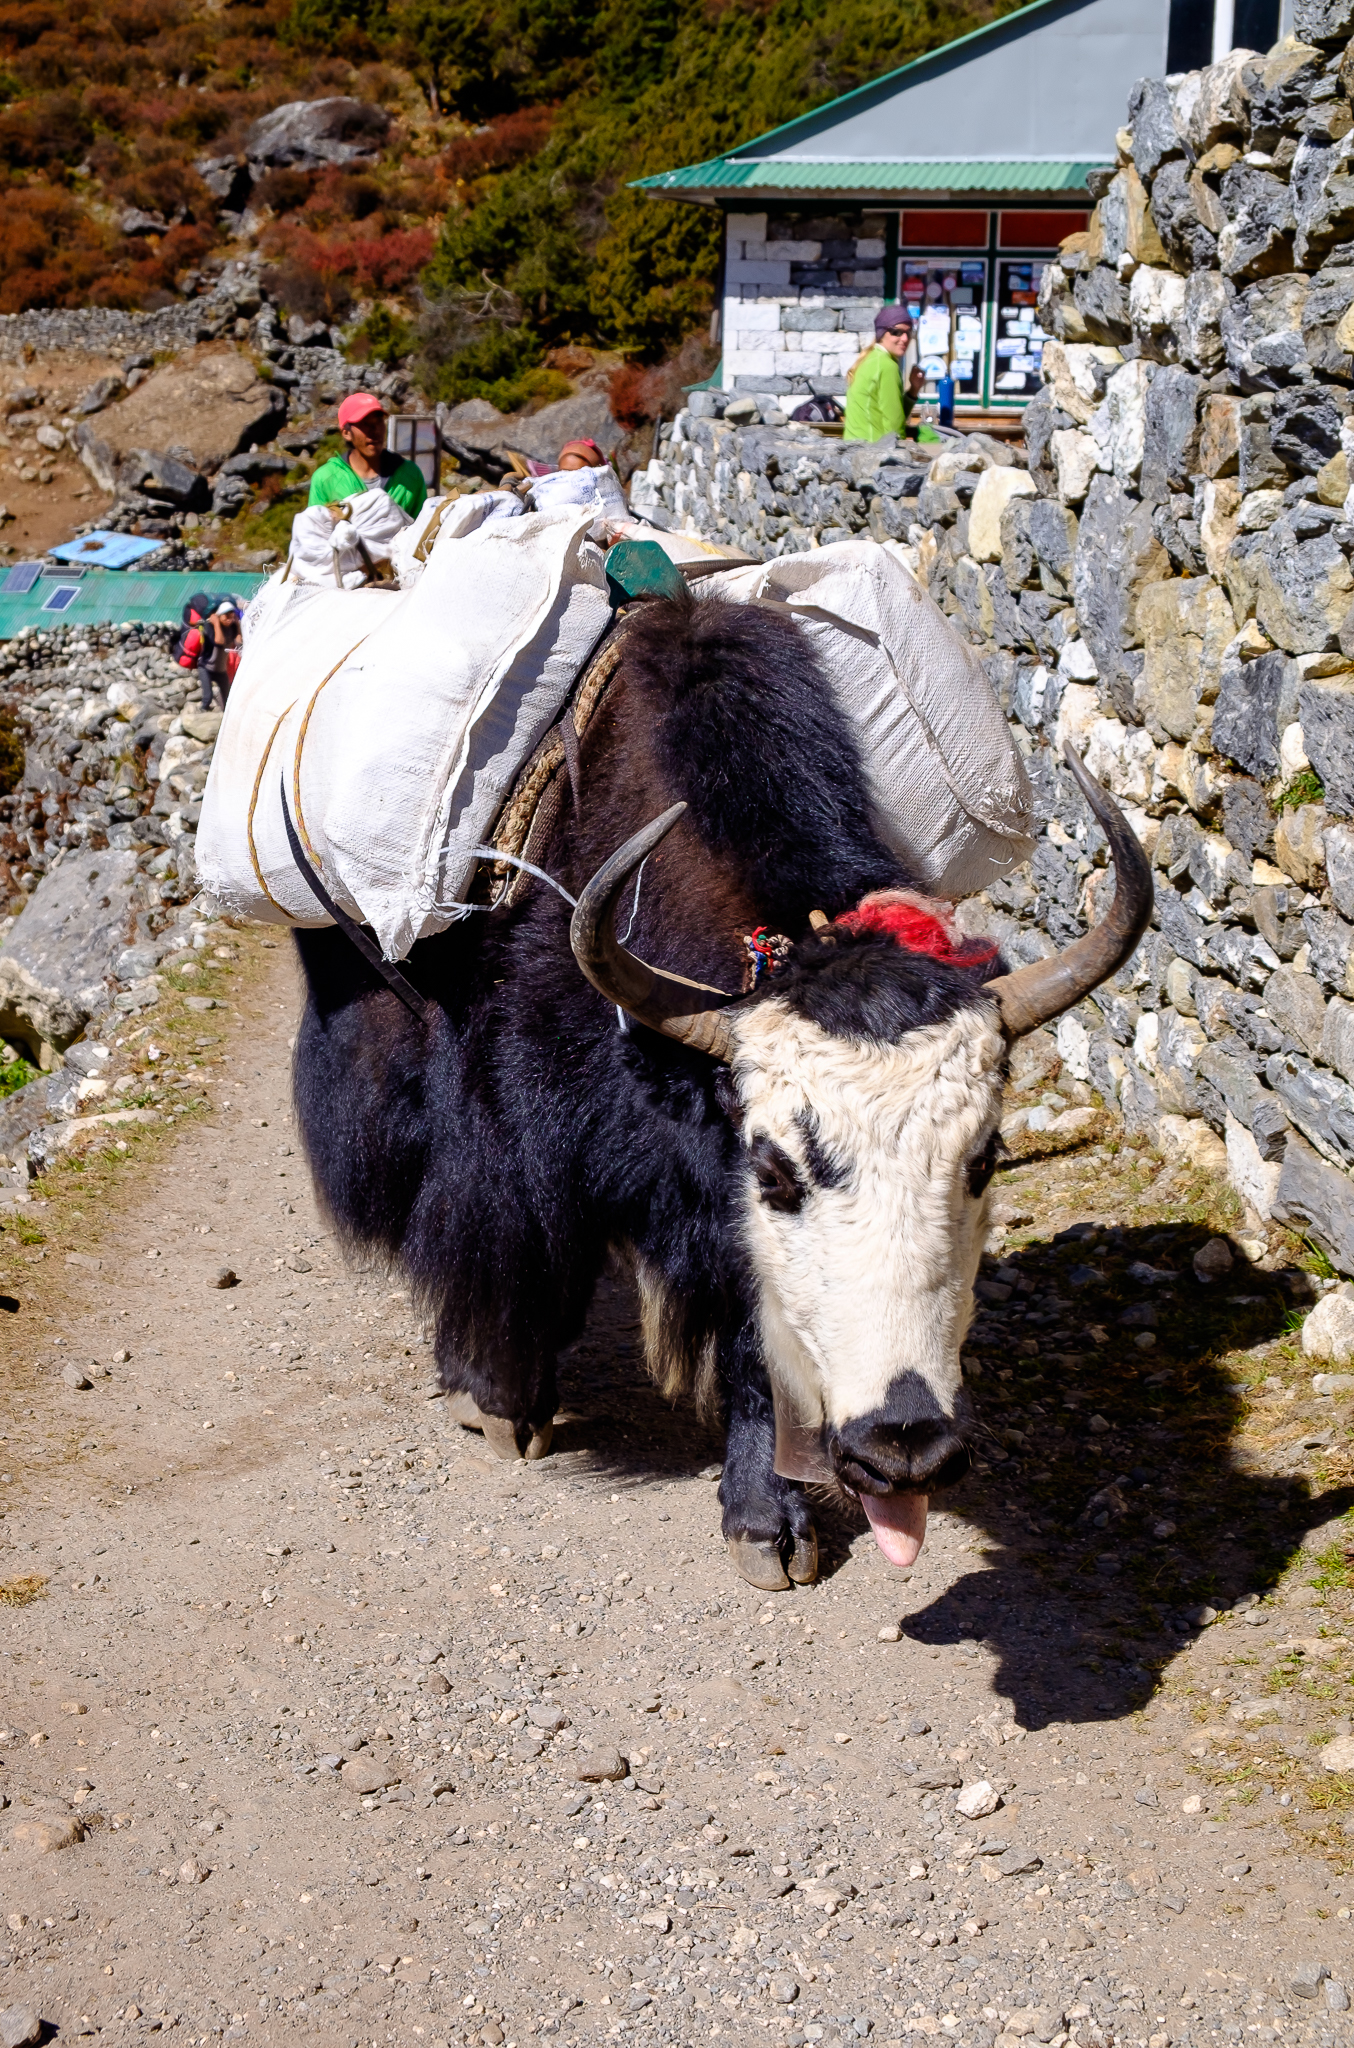 EverestTrekPart8_007.jpg